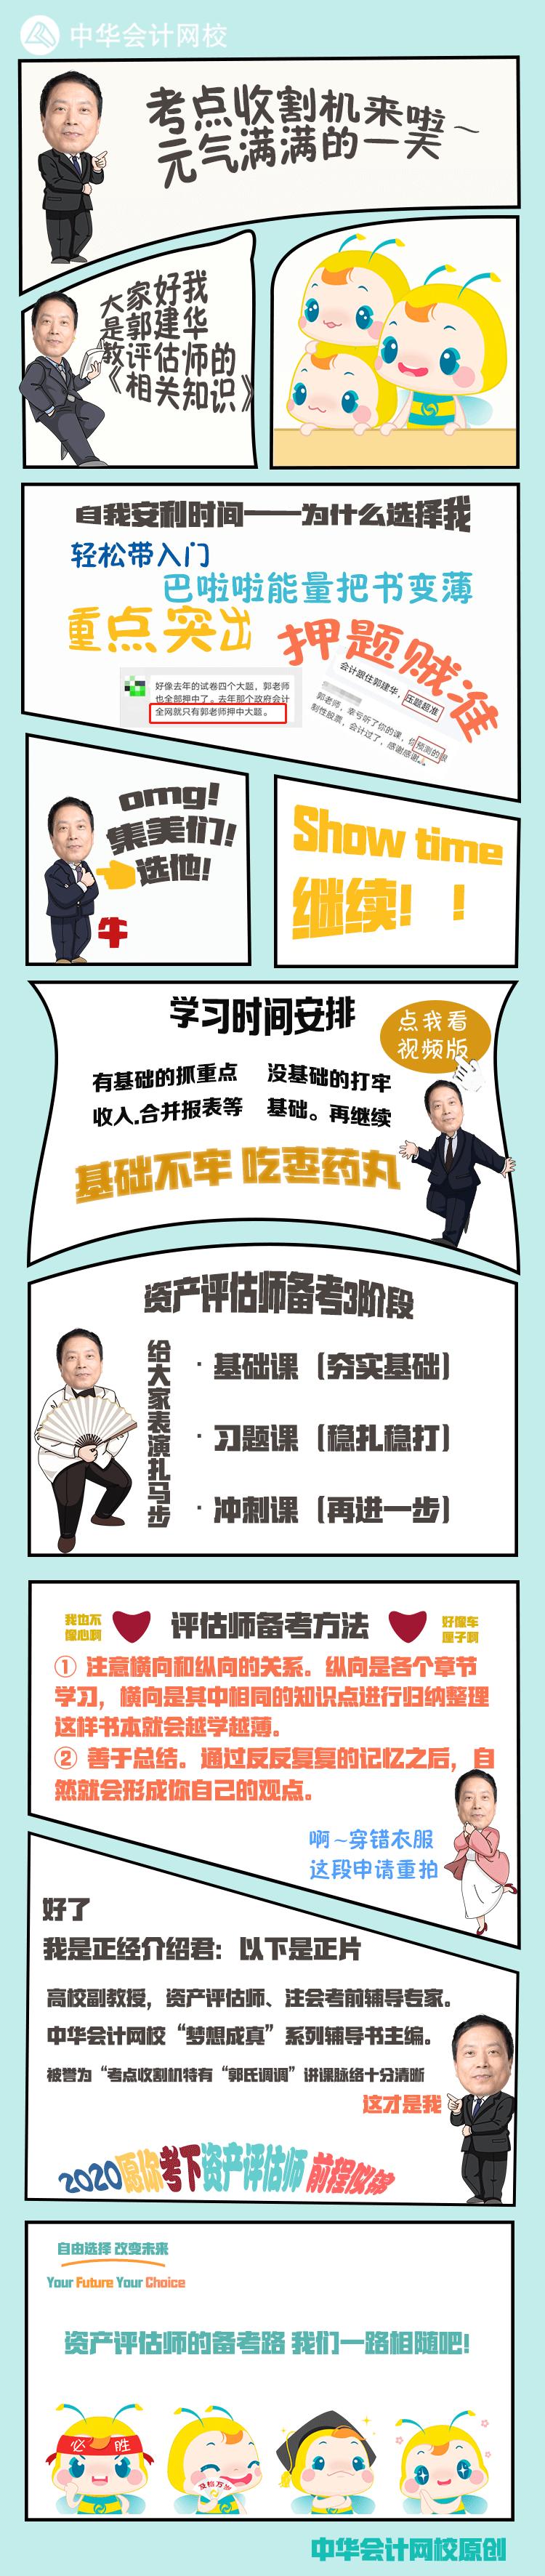 漫画郭建华